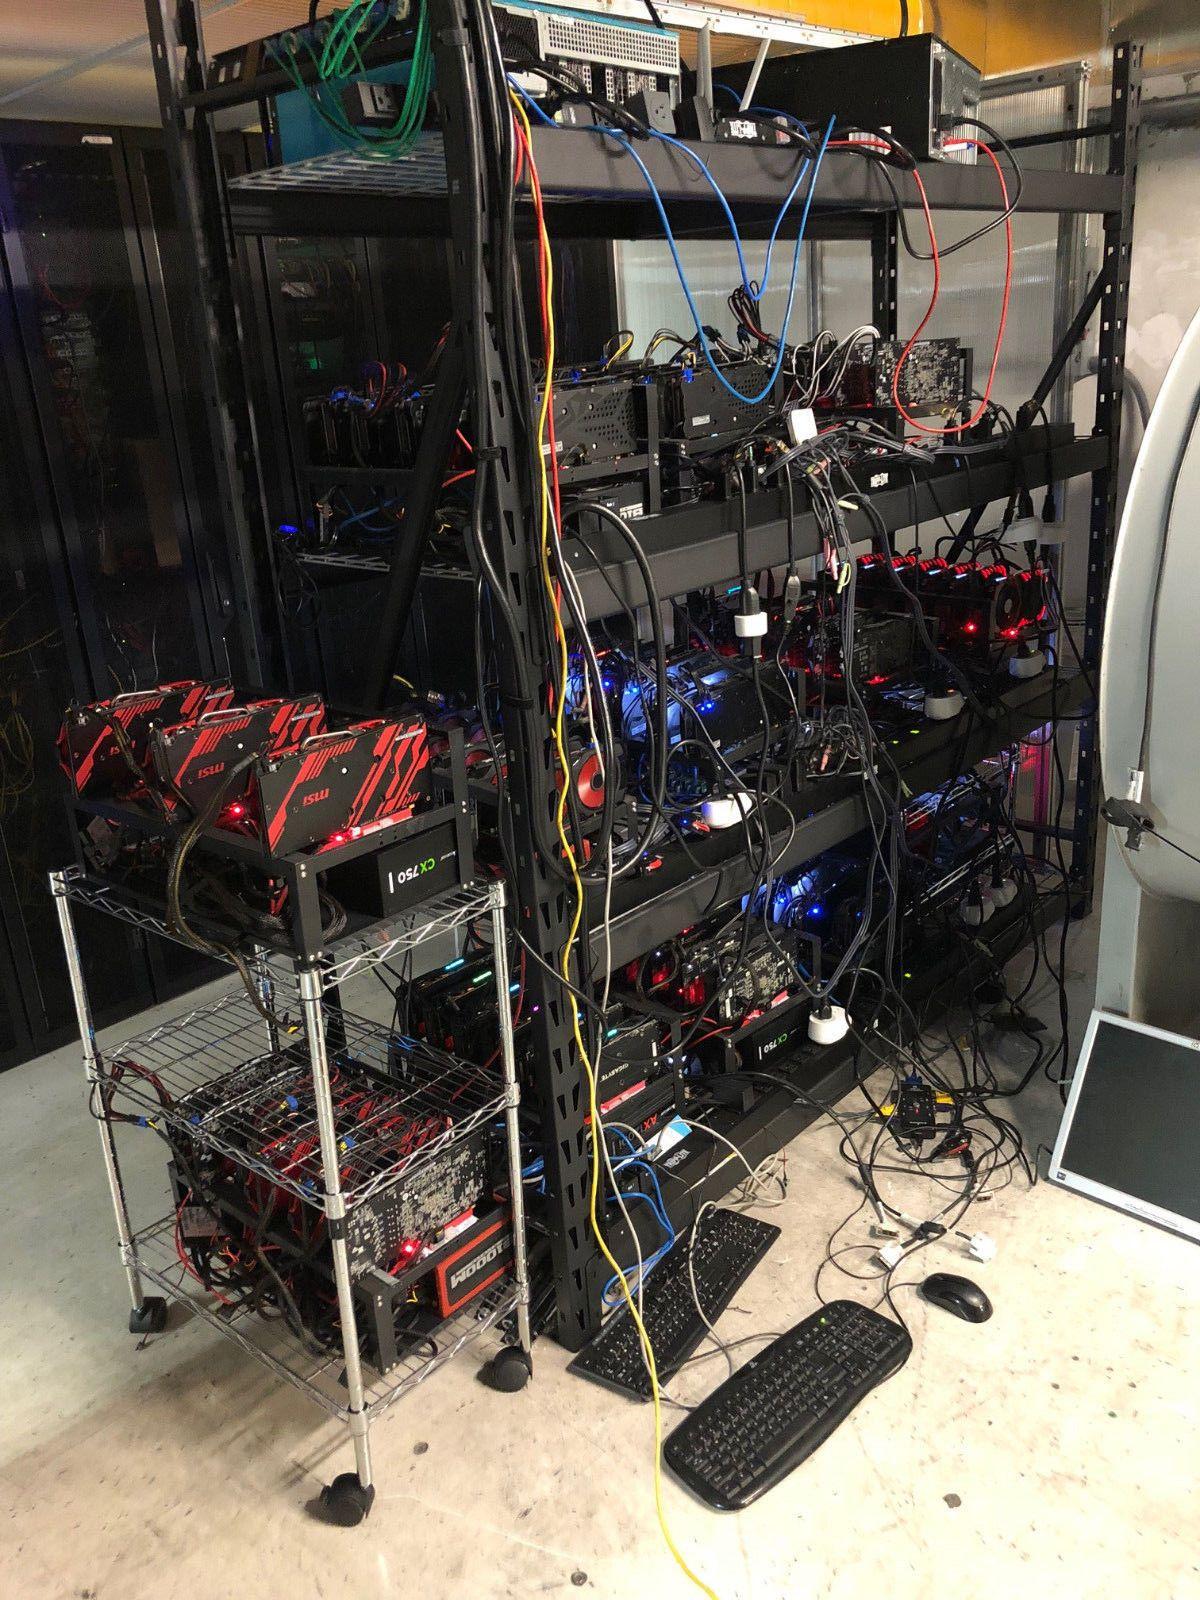 Crypto Mining Rig (12 5x6) 75 GPU x570/580 AMD cards,(Eth/altcoin